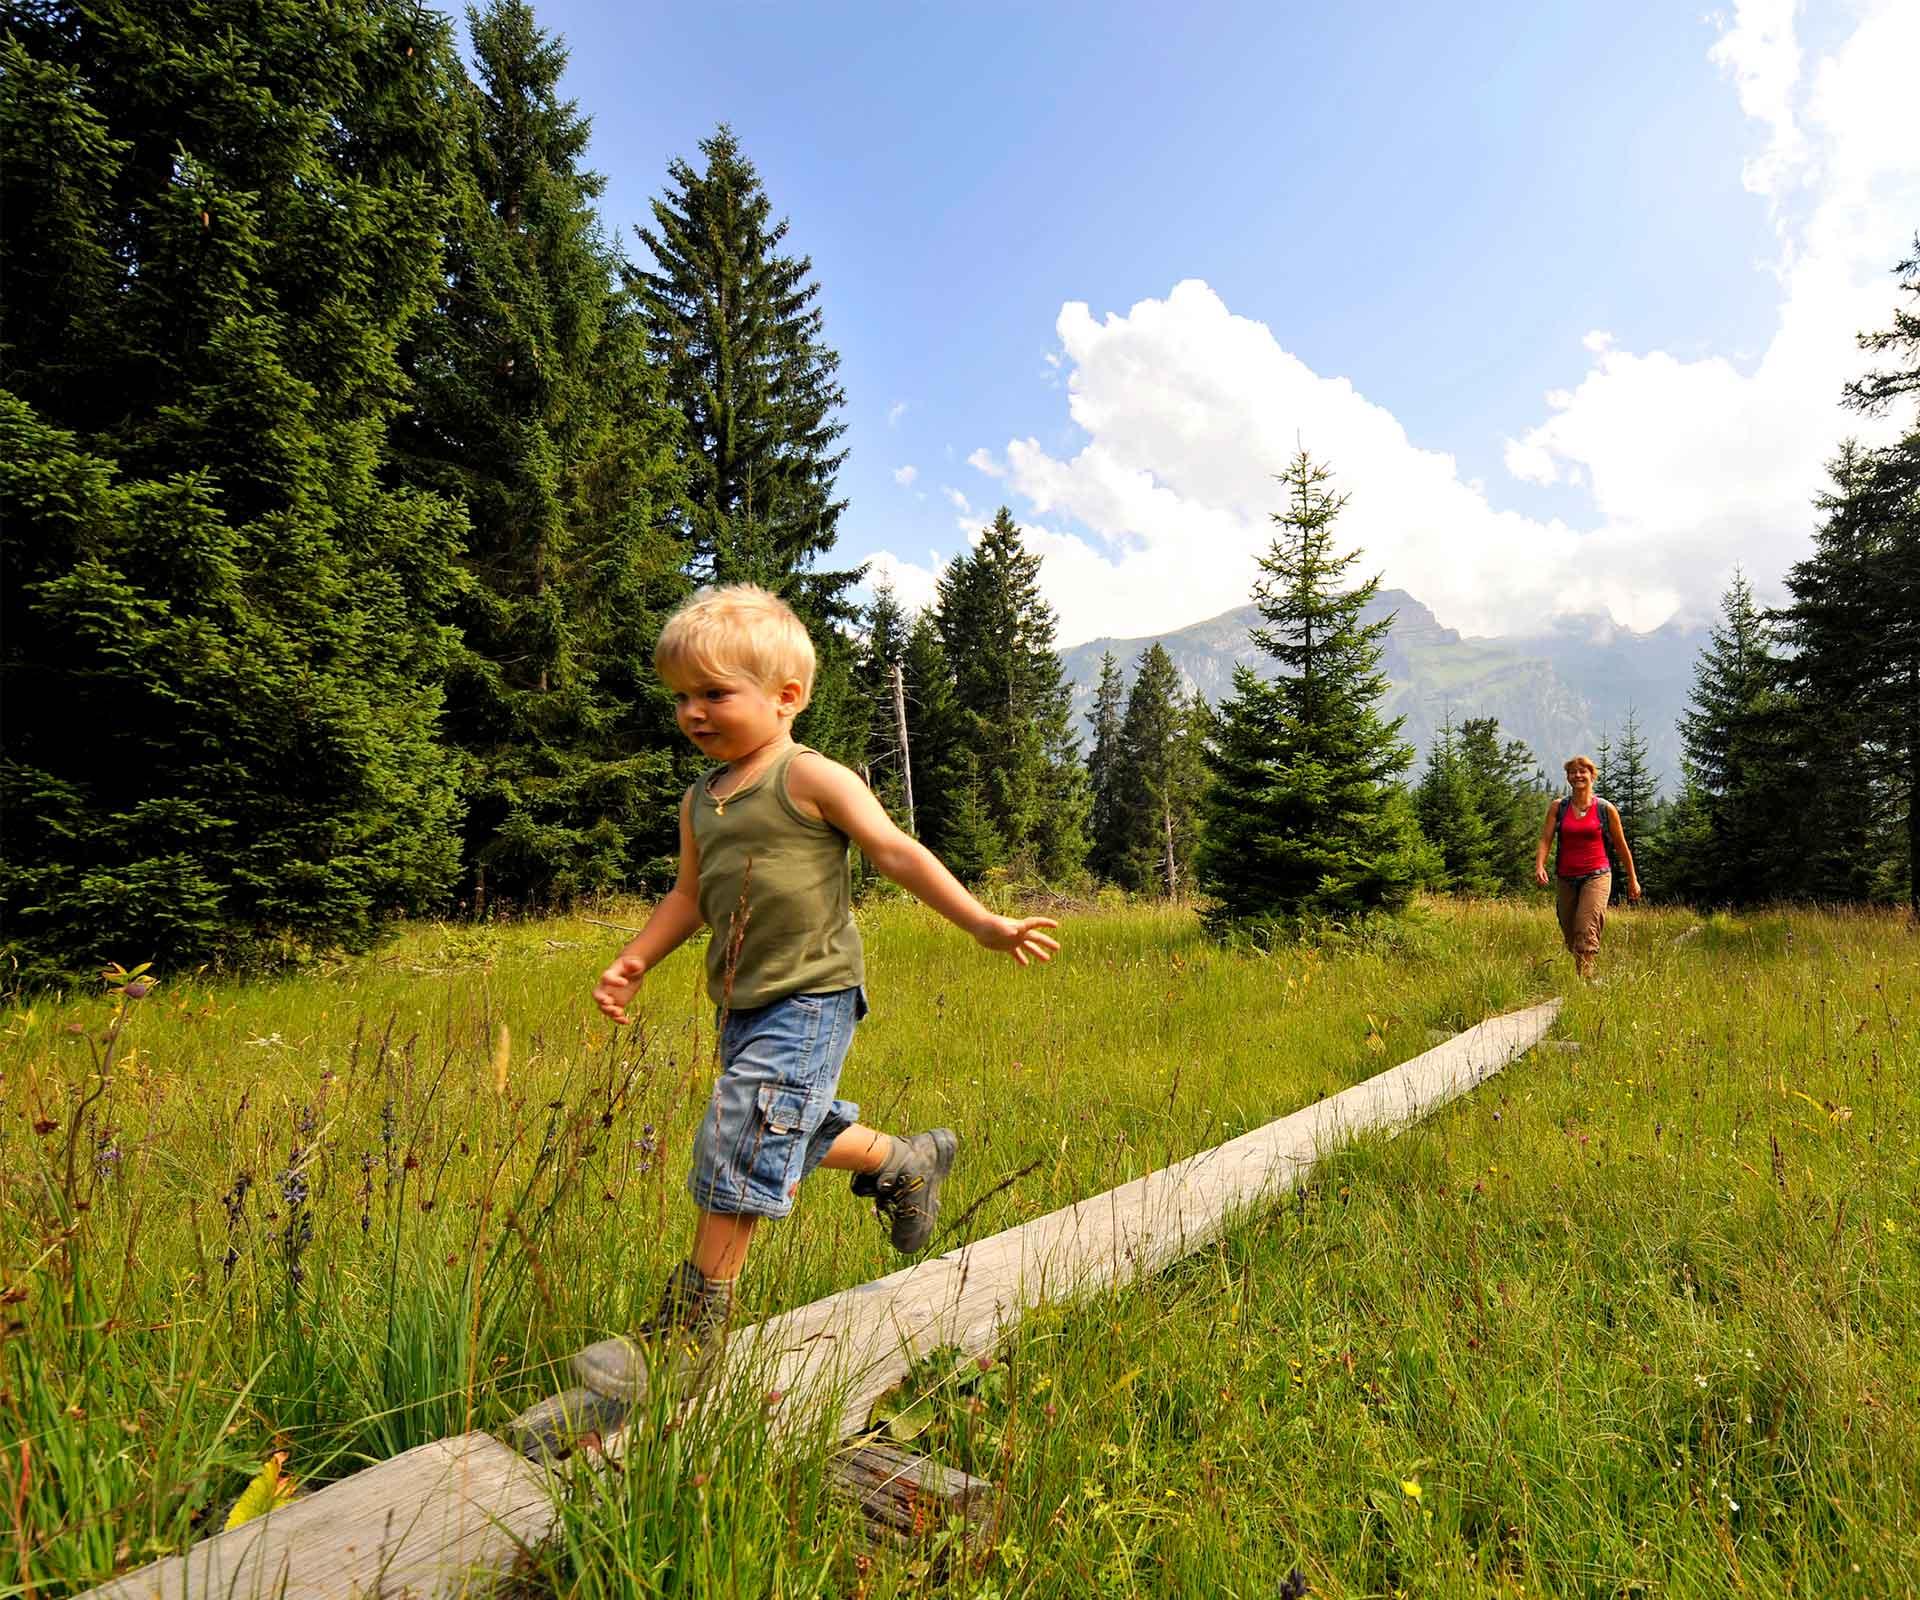 Wanderung Auf Dem Höhenweg Und Durchs: Wanderung Auf Dem Moorweg Gamperfin